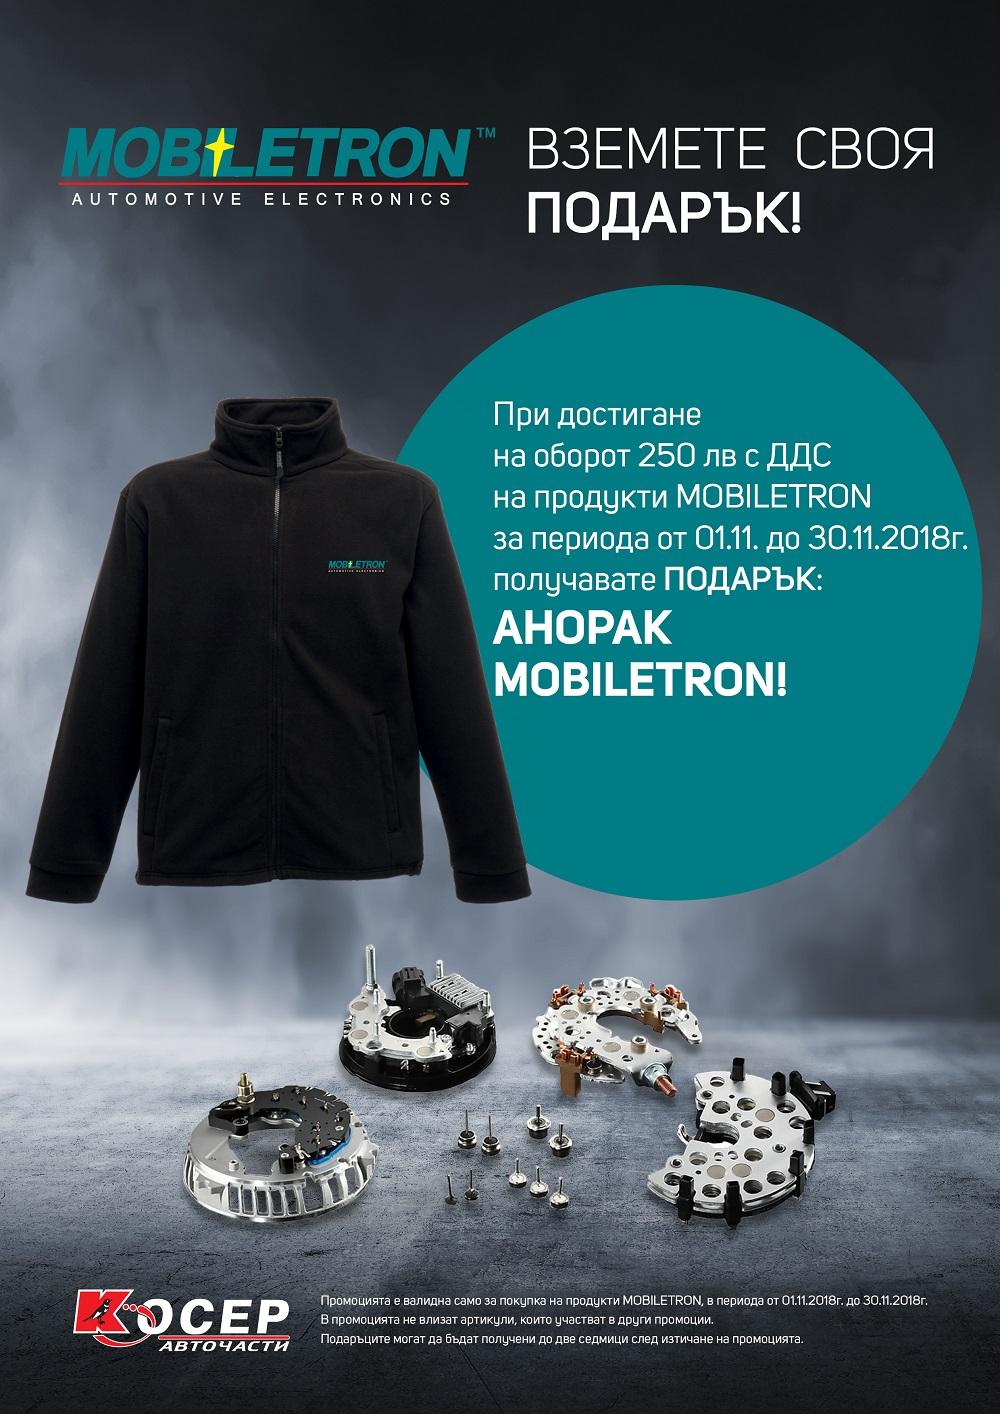 Промоция Mobiletron, 01.11.2018 - 30.11.2018